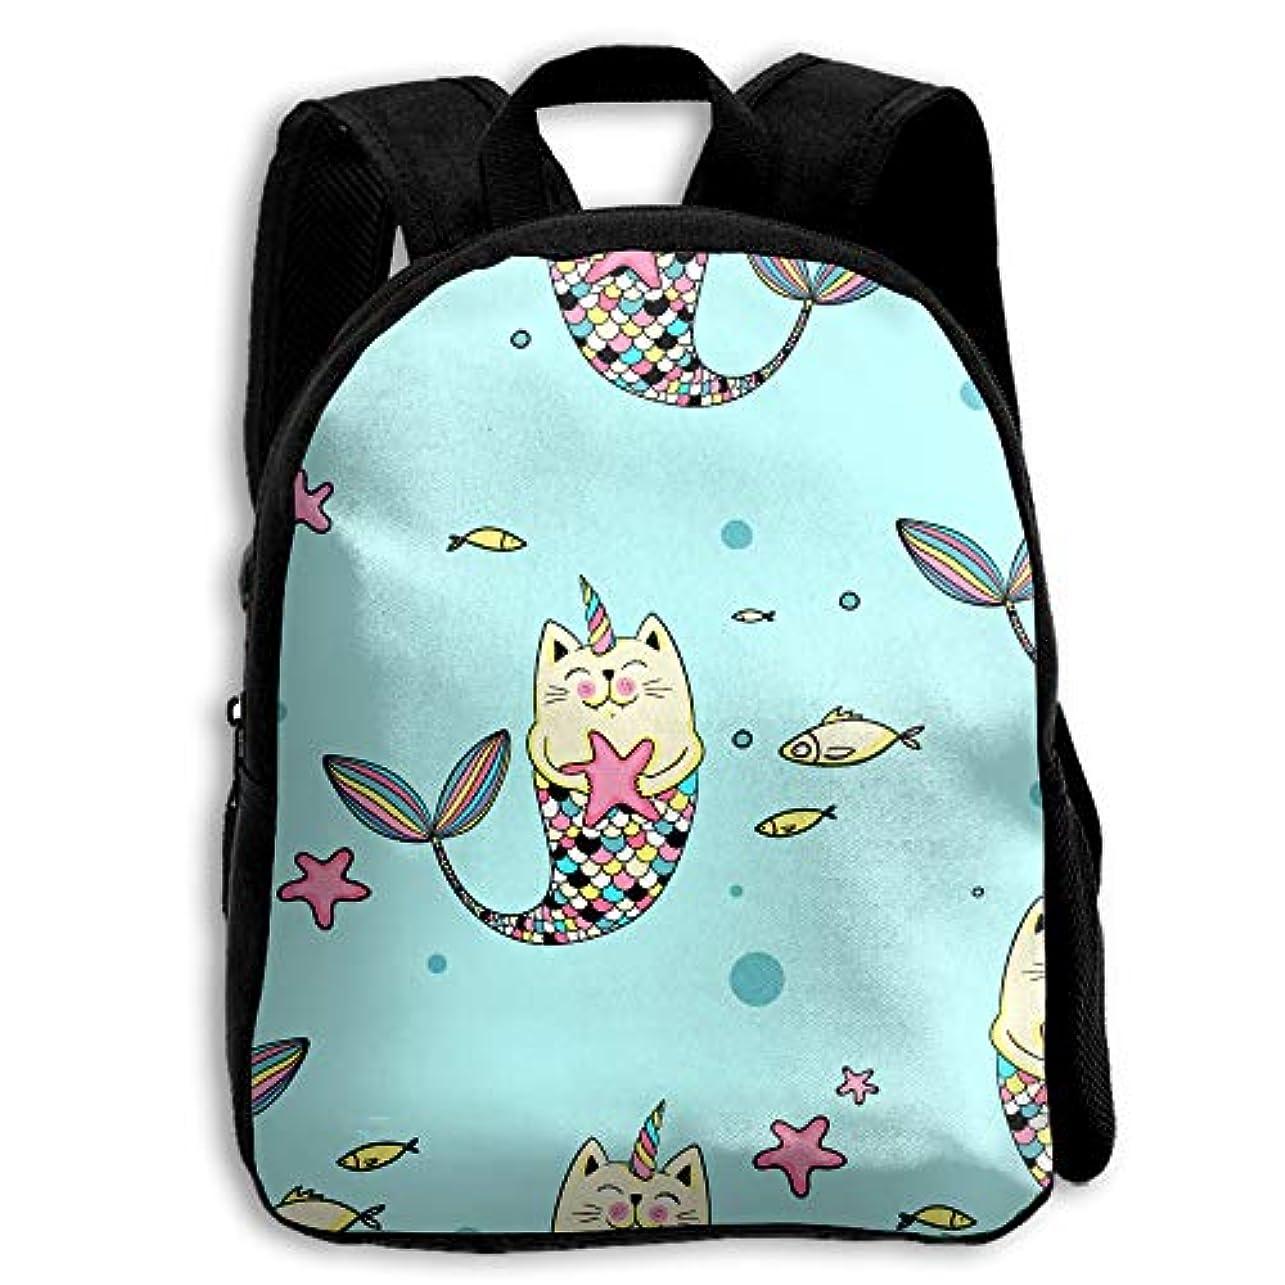 シチリア海洋の破壊キッズ リュックサック バックパック キッズバッグ 子供用のバッグ キッズリュック 学生 猫 マーメイド アウトドア 通学 ハイキング 遠足